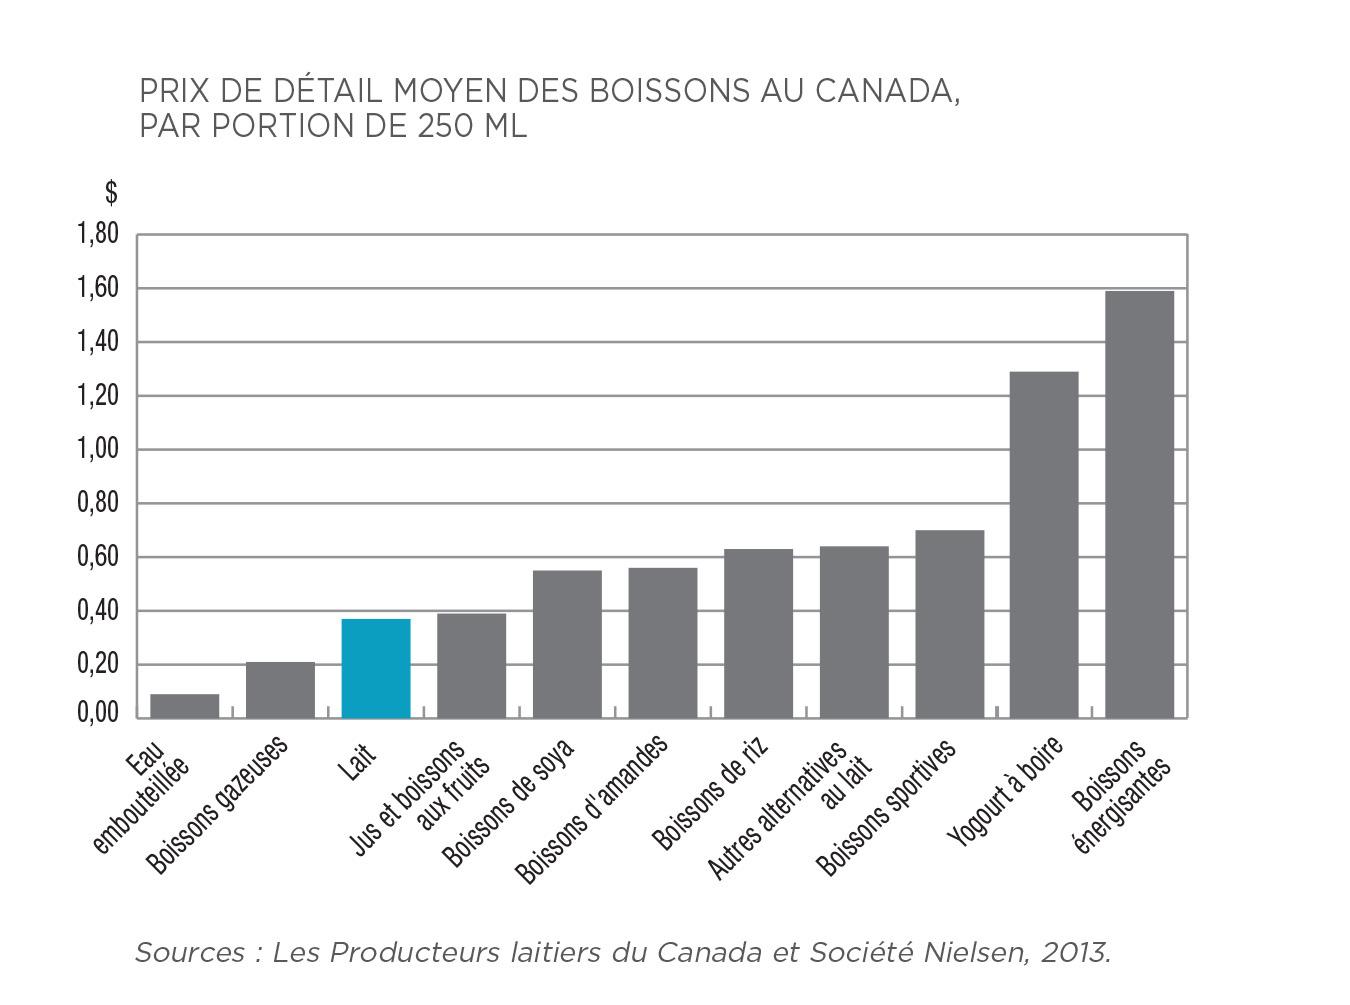 Infographie : Prix de détail moyen des boissons au Canada, par portion de 250ML